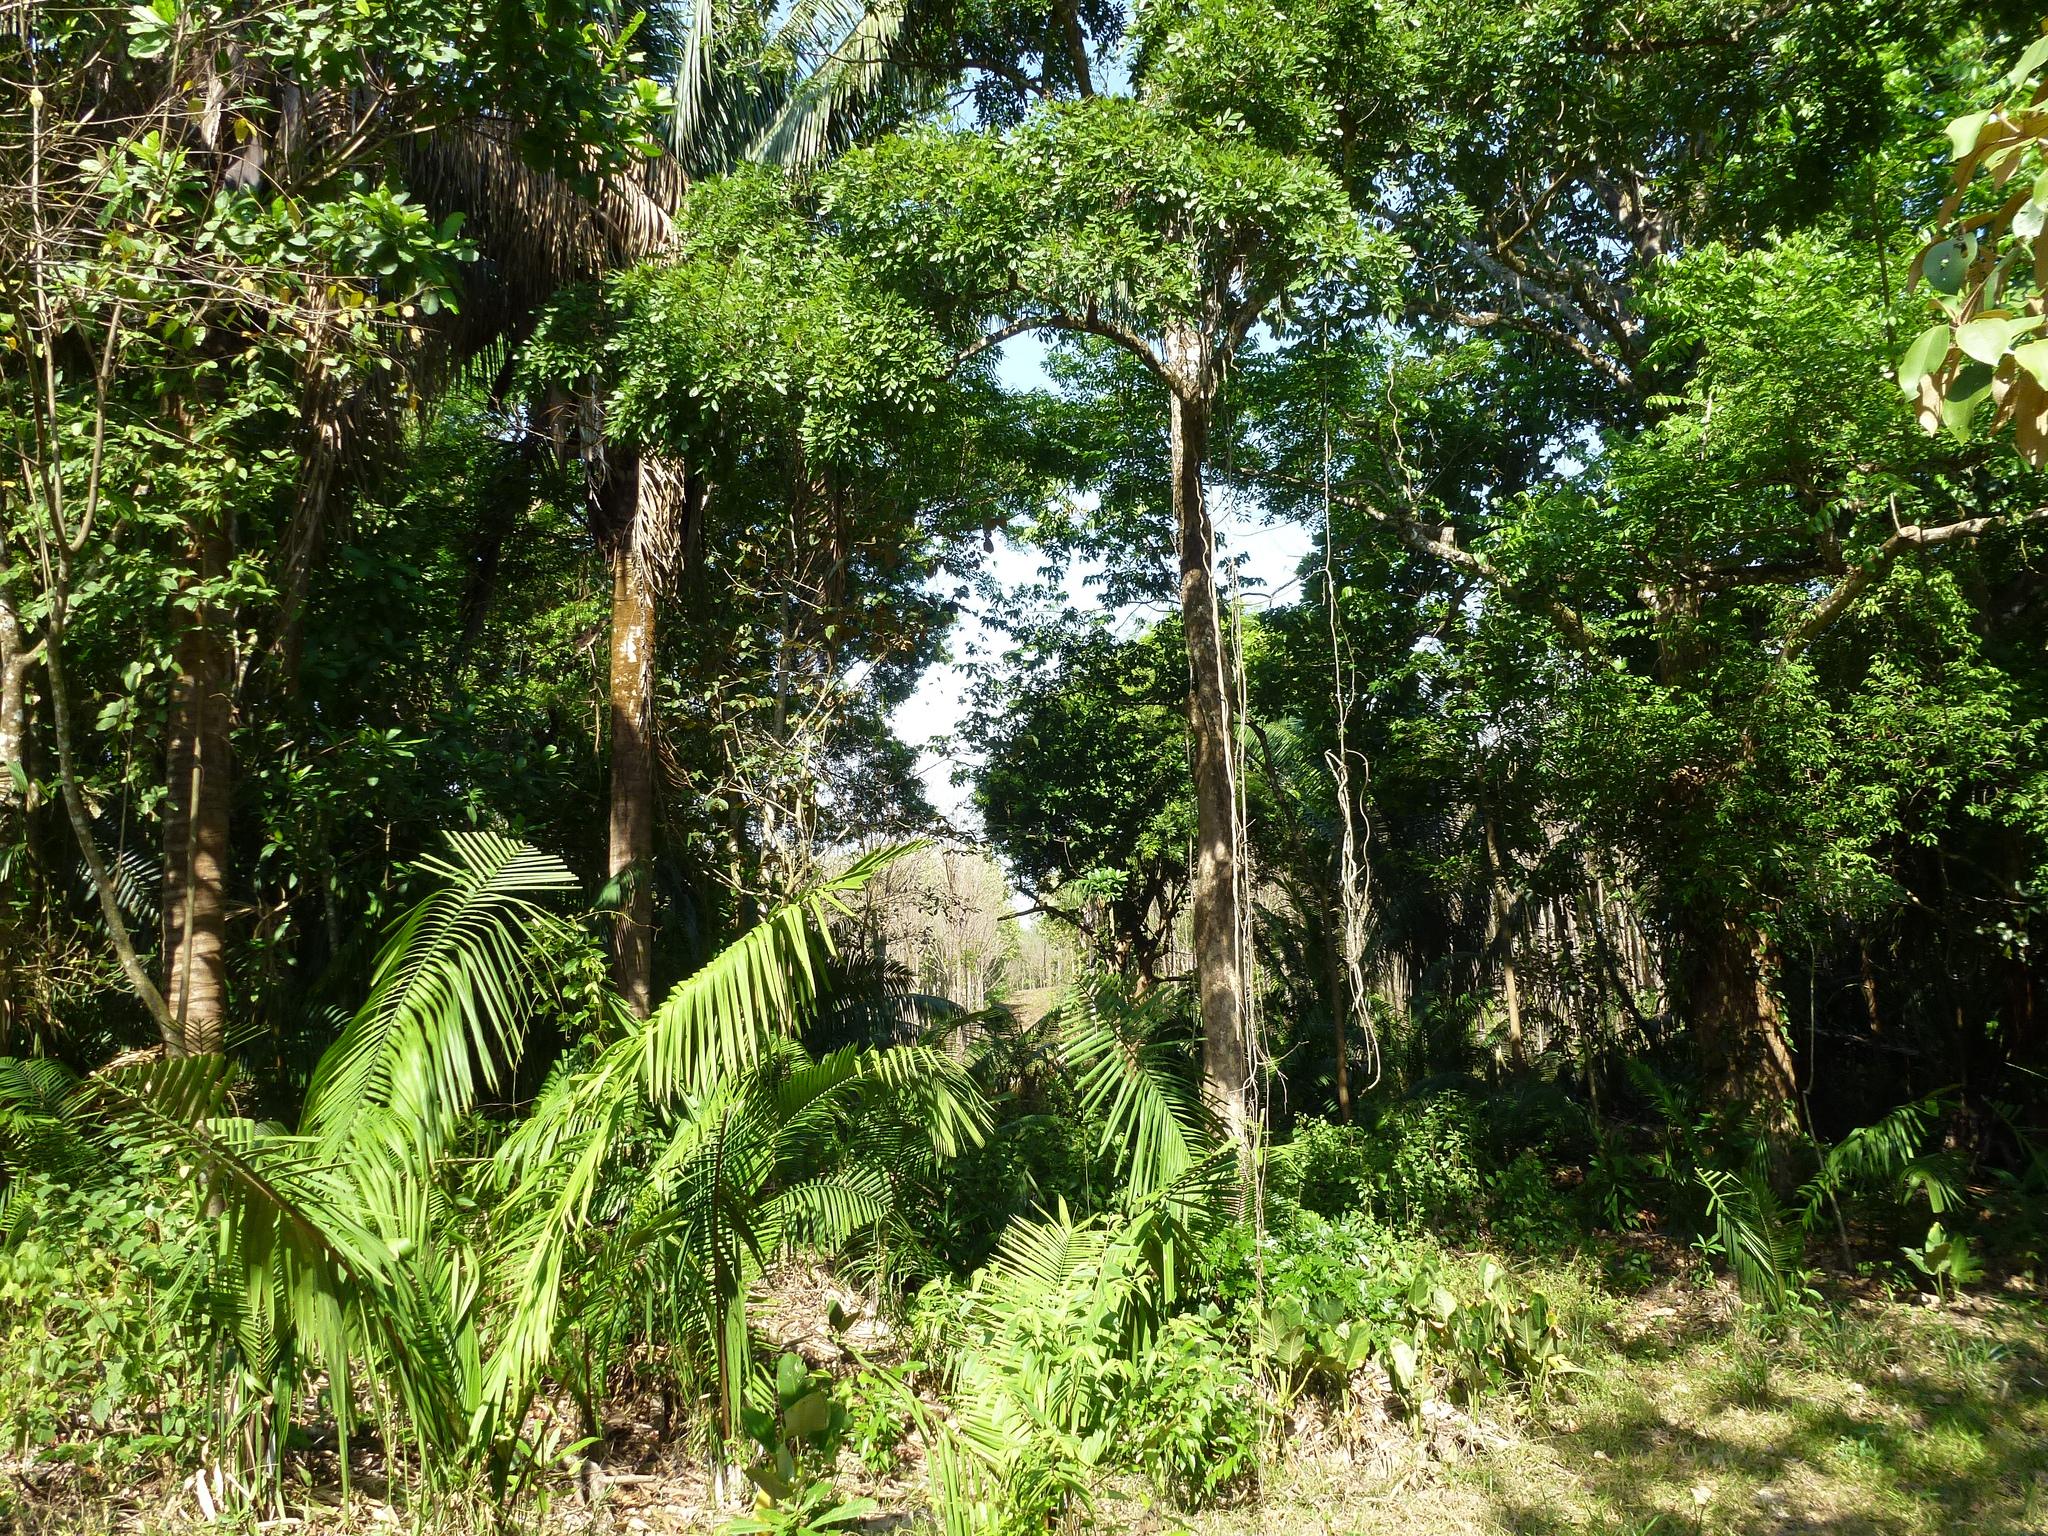 Ein Hektar ForestFinance-Schutzwald bindet, basierend auf wissenschaftlichen Studien und konservativen Annahmen, genauso viel Kohlendioxid, wie ein Deutscher im Durchschnitt innerhalb von 20 Jahren verbraucht. Foto: ForestFinance